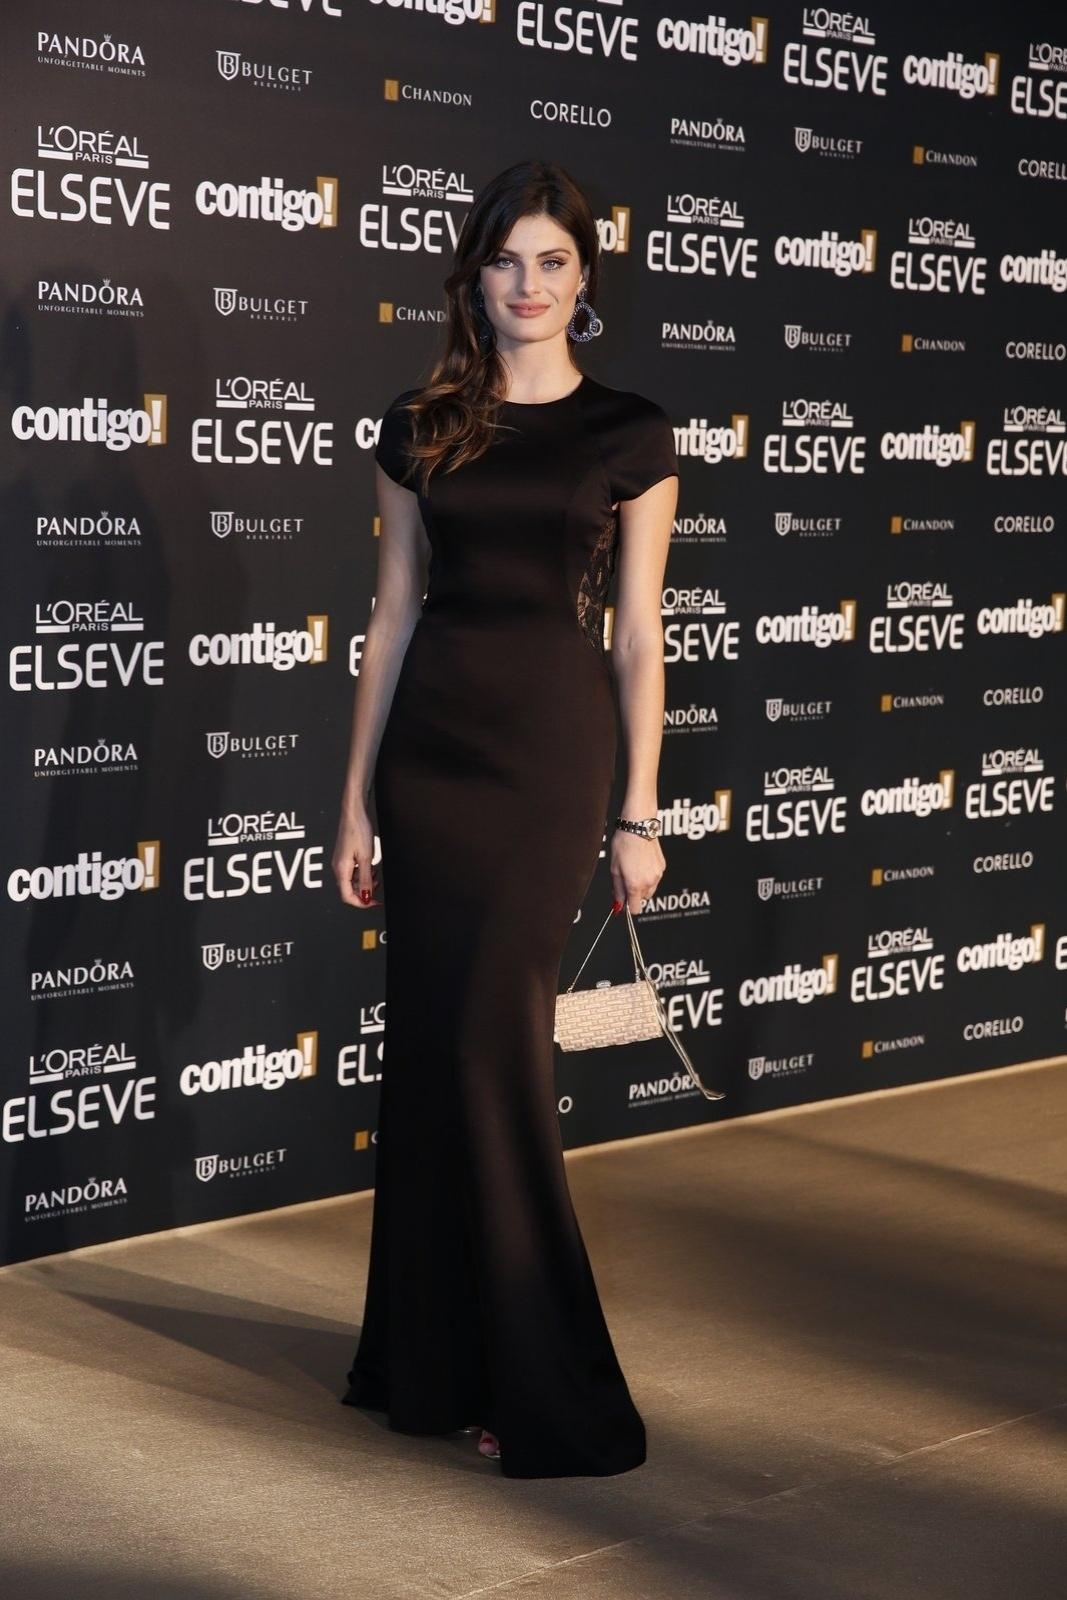 28.jul.2014 - A modelo Isabeli Fontana prestigou a 16ª edição do Prêmio Contigo! de TV, realizado no hotel Copacabana Palace, no Rio